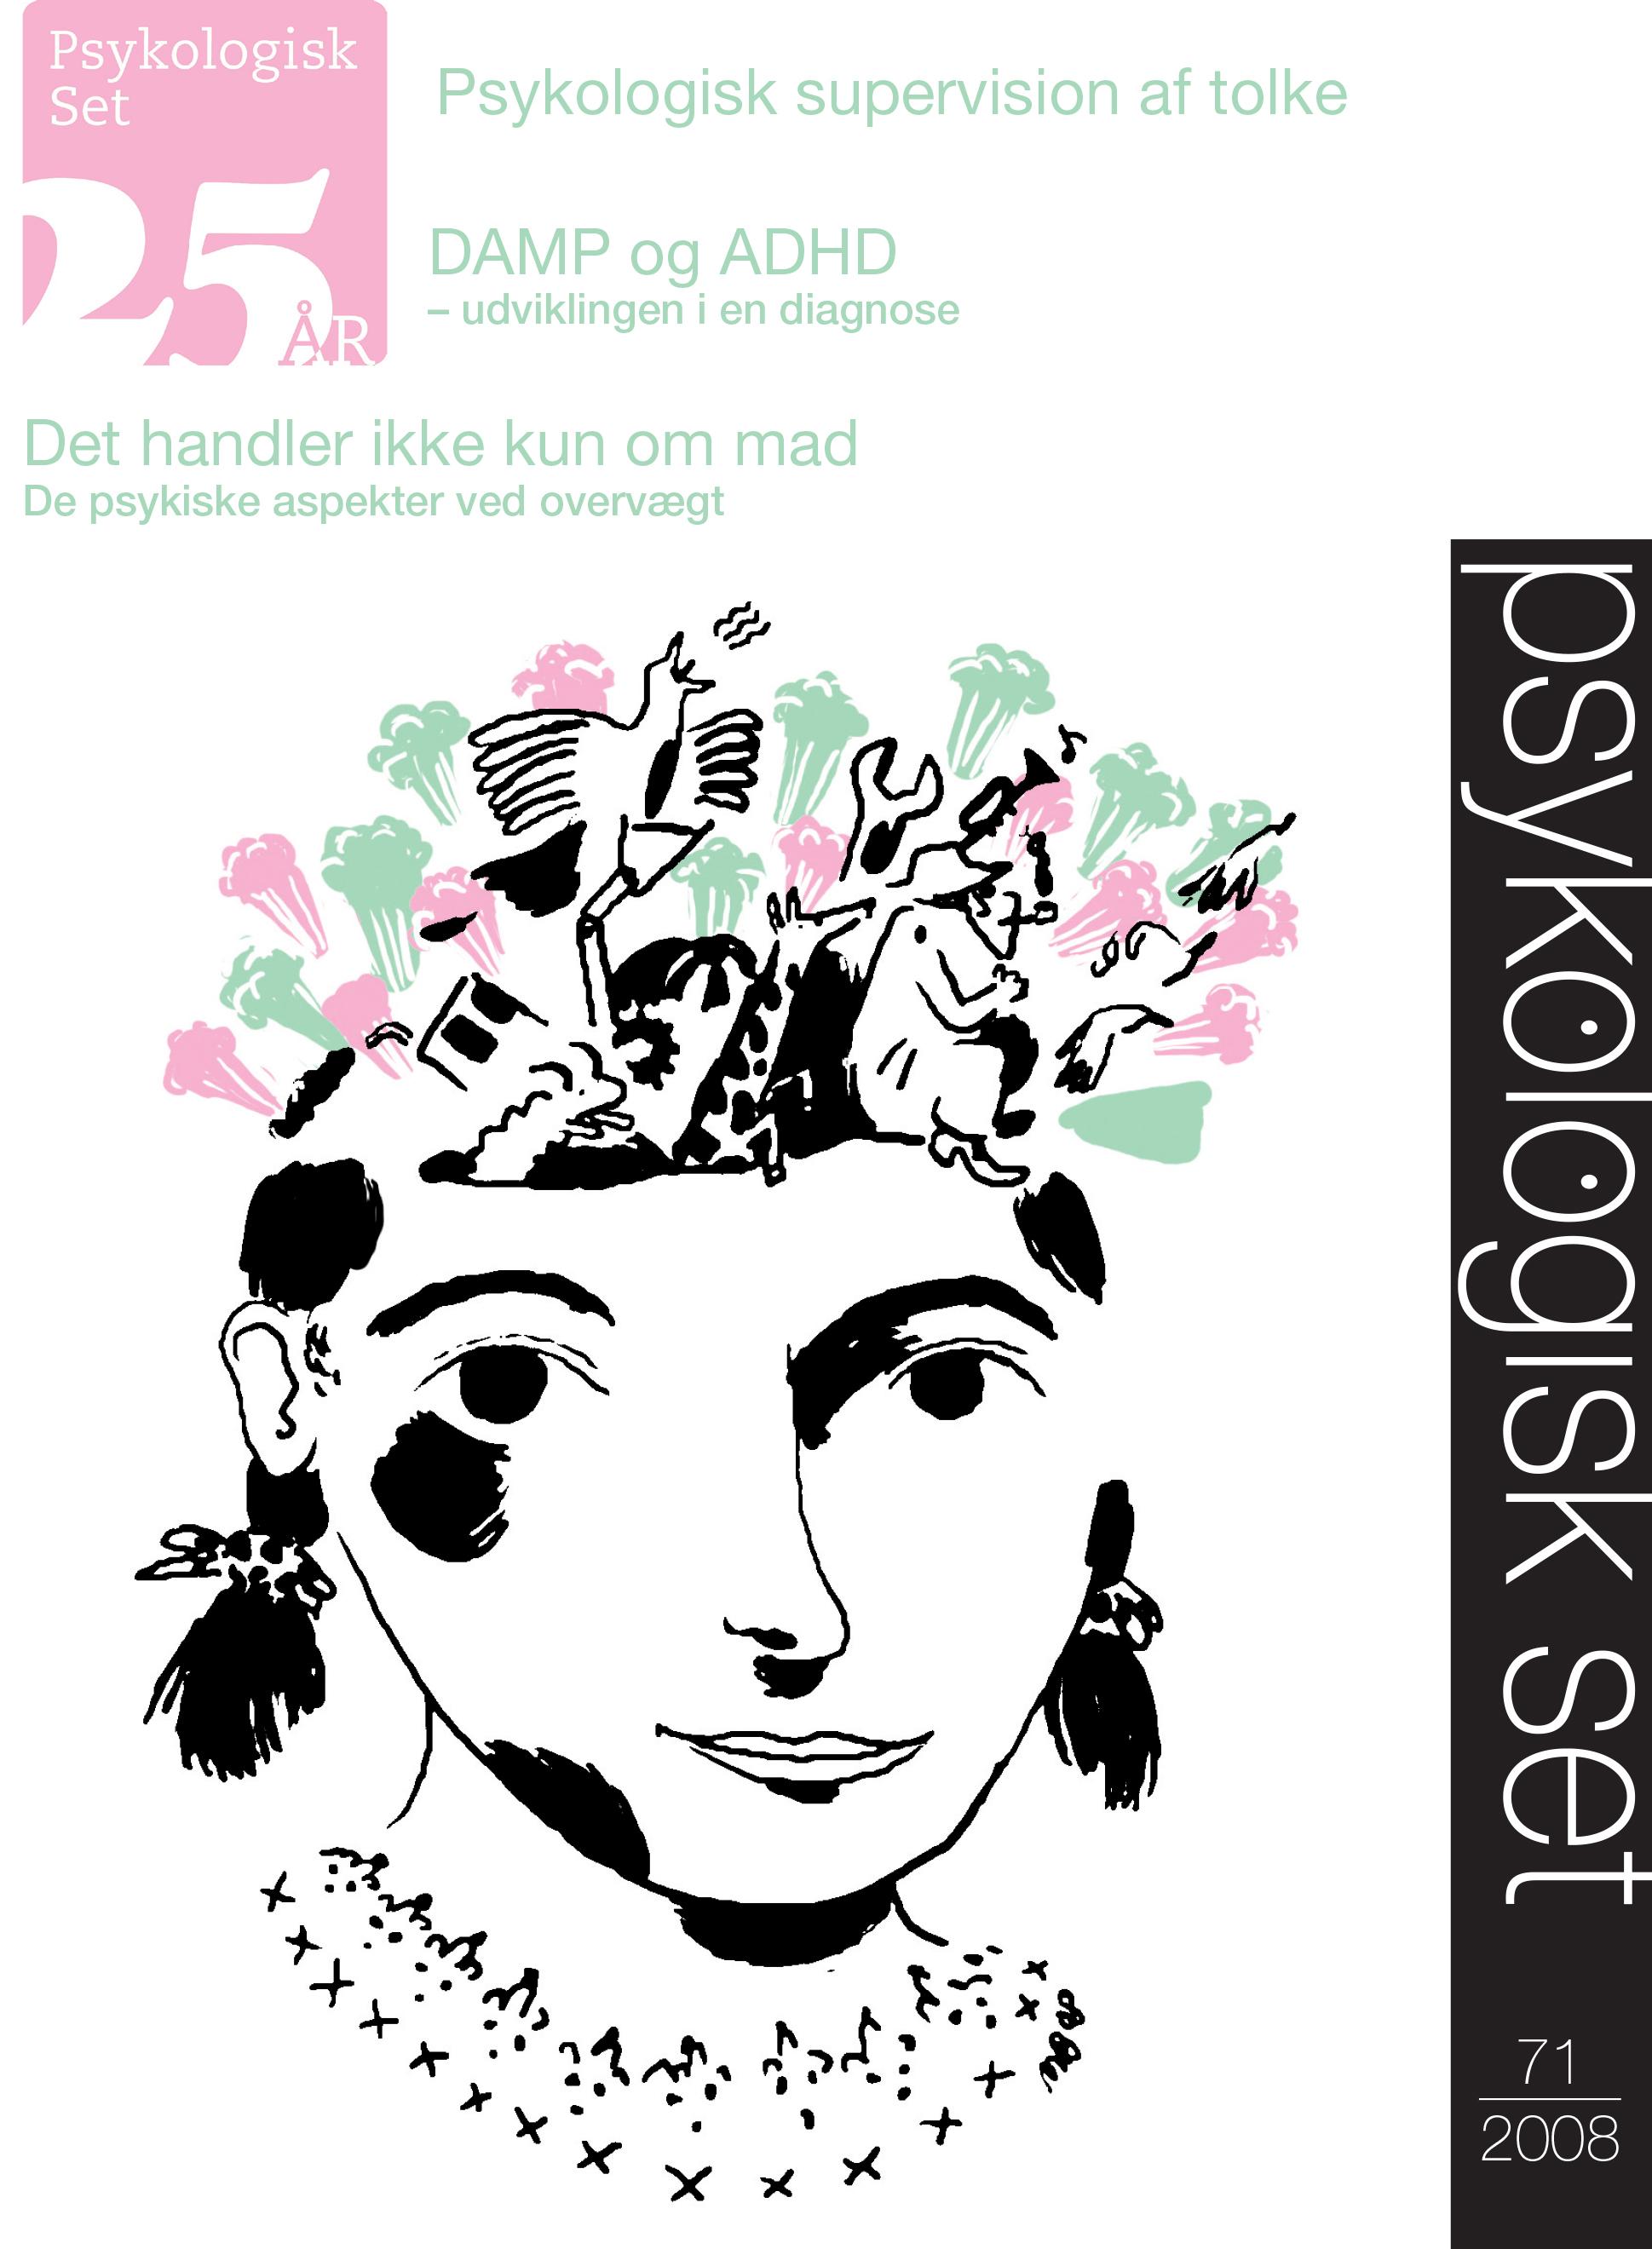 N/A Psykologisk set 71 - e-bog fra bog & mystik